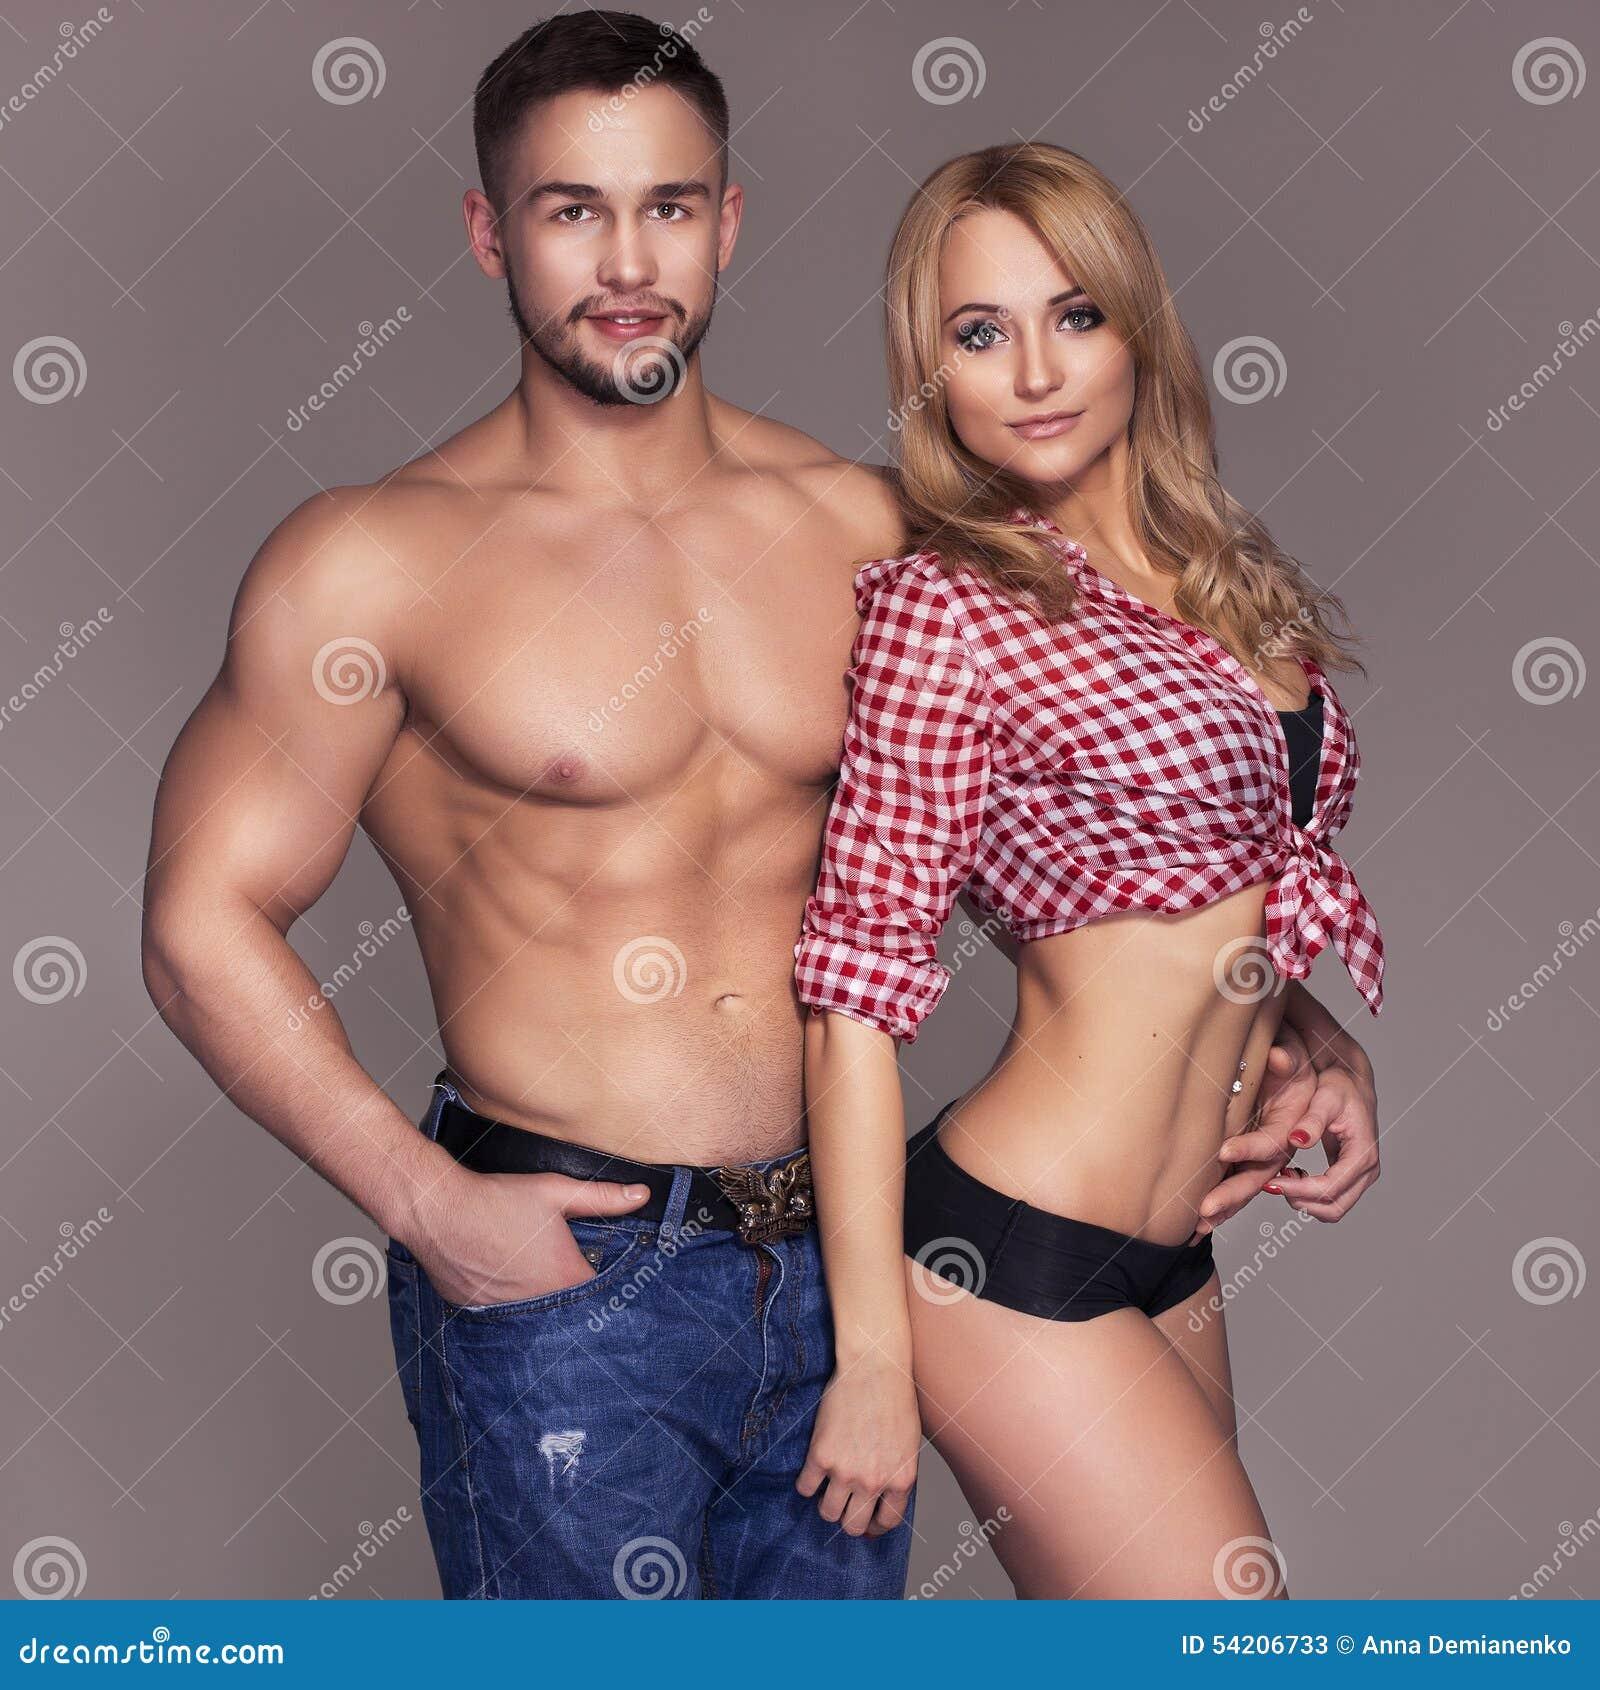 Den sexiga passformen tränga sig in på par i jeans och flåsanden och plädt-skjorta